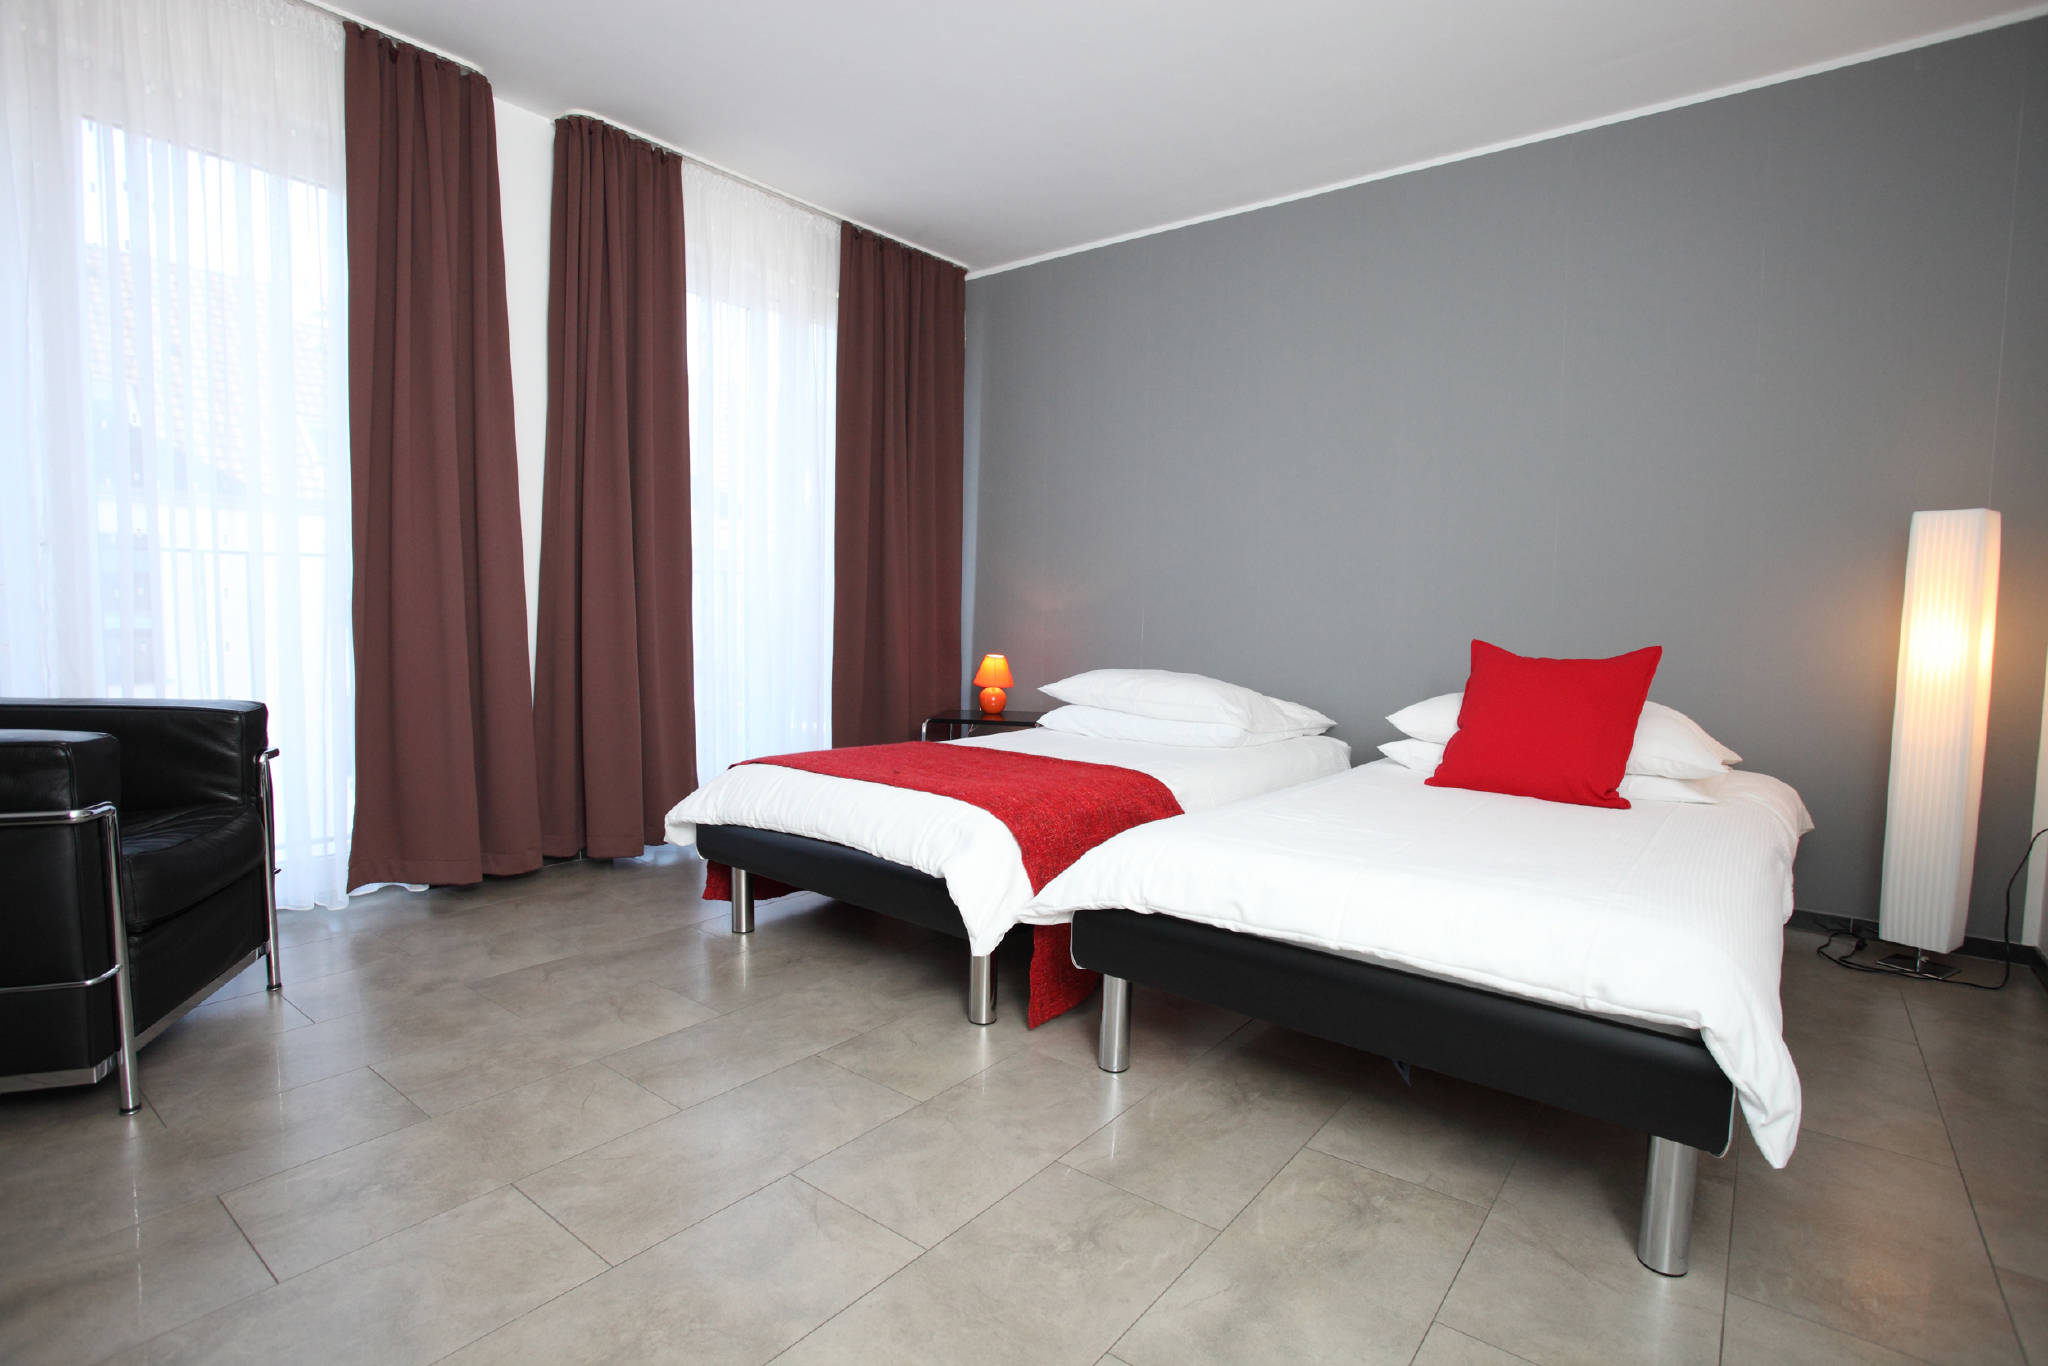 Ferienwohnungen Köln - 2-Zimmer Wohnung